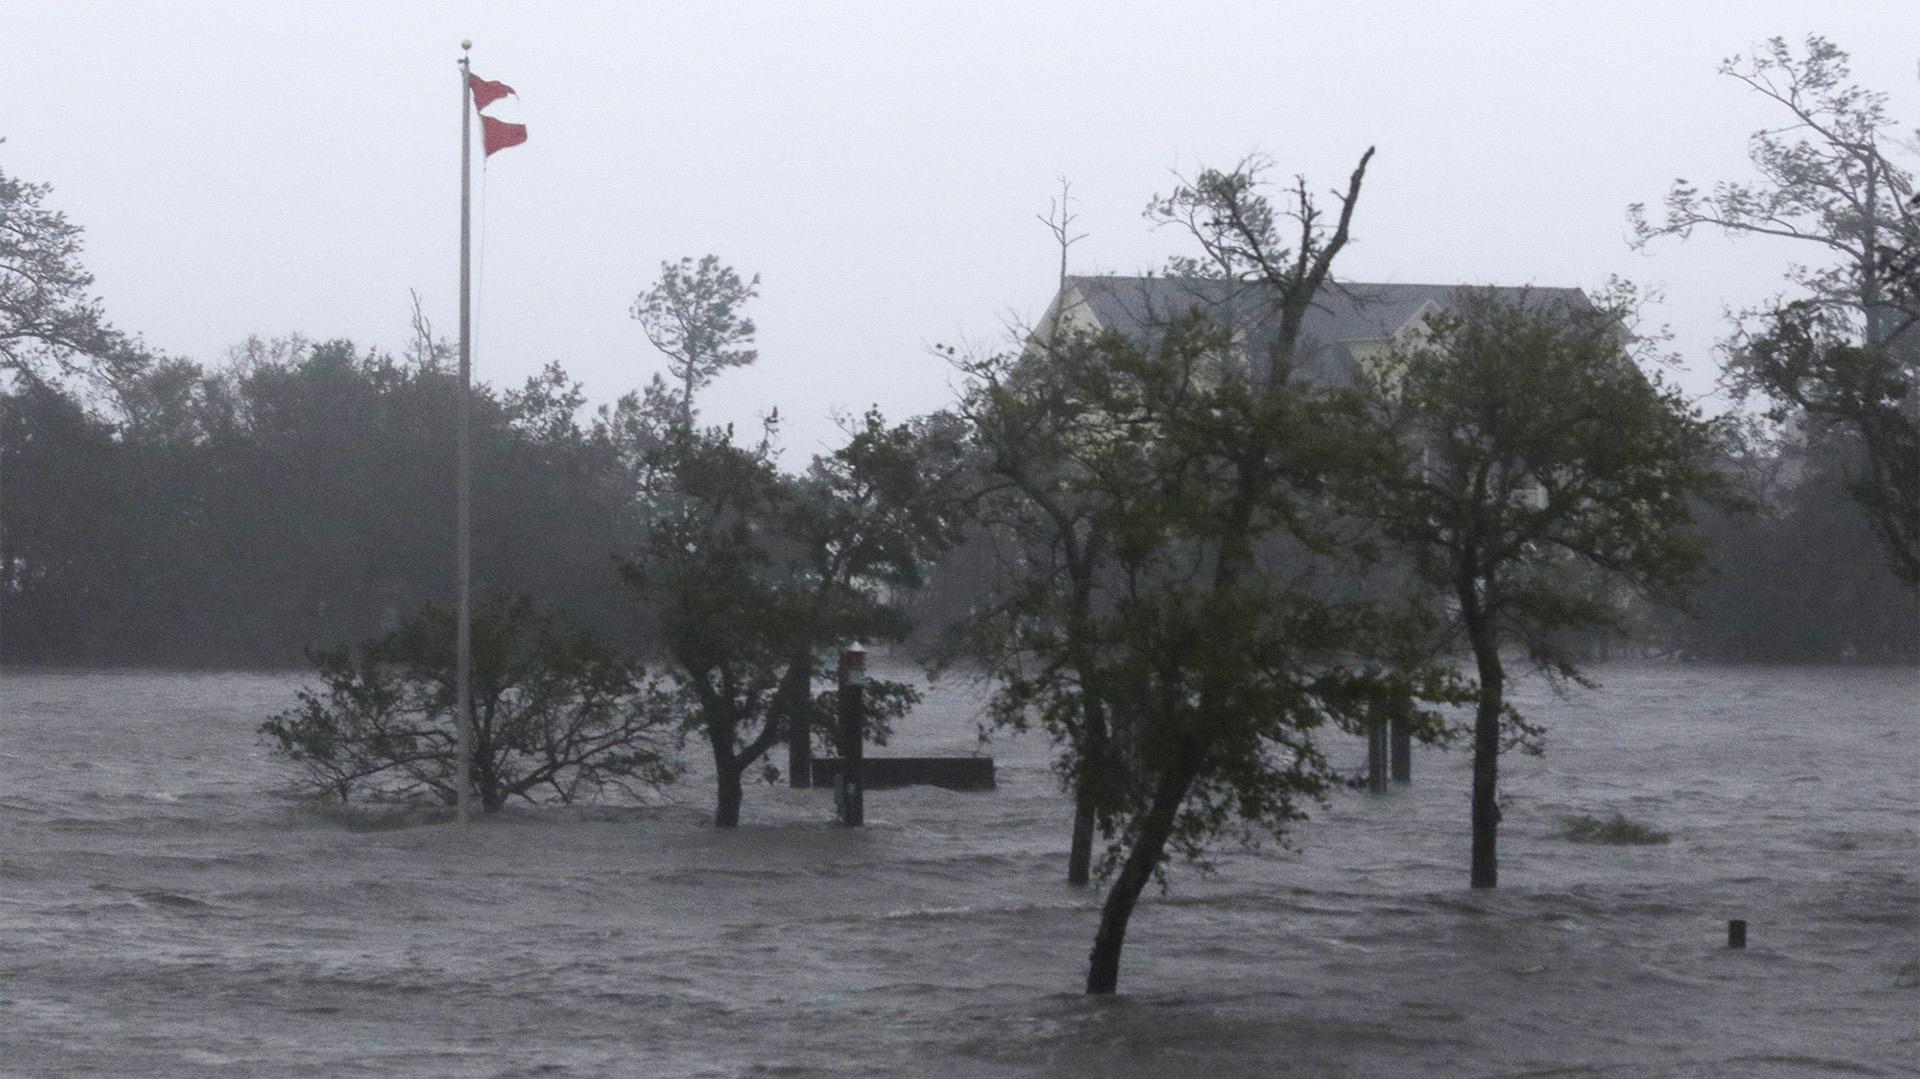 Las inundaciones son una preocupación para la población (AP Photo/Tom Copeland)